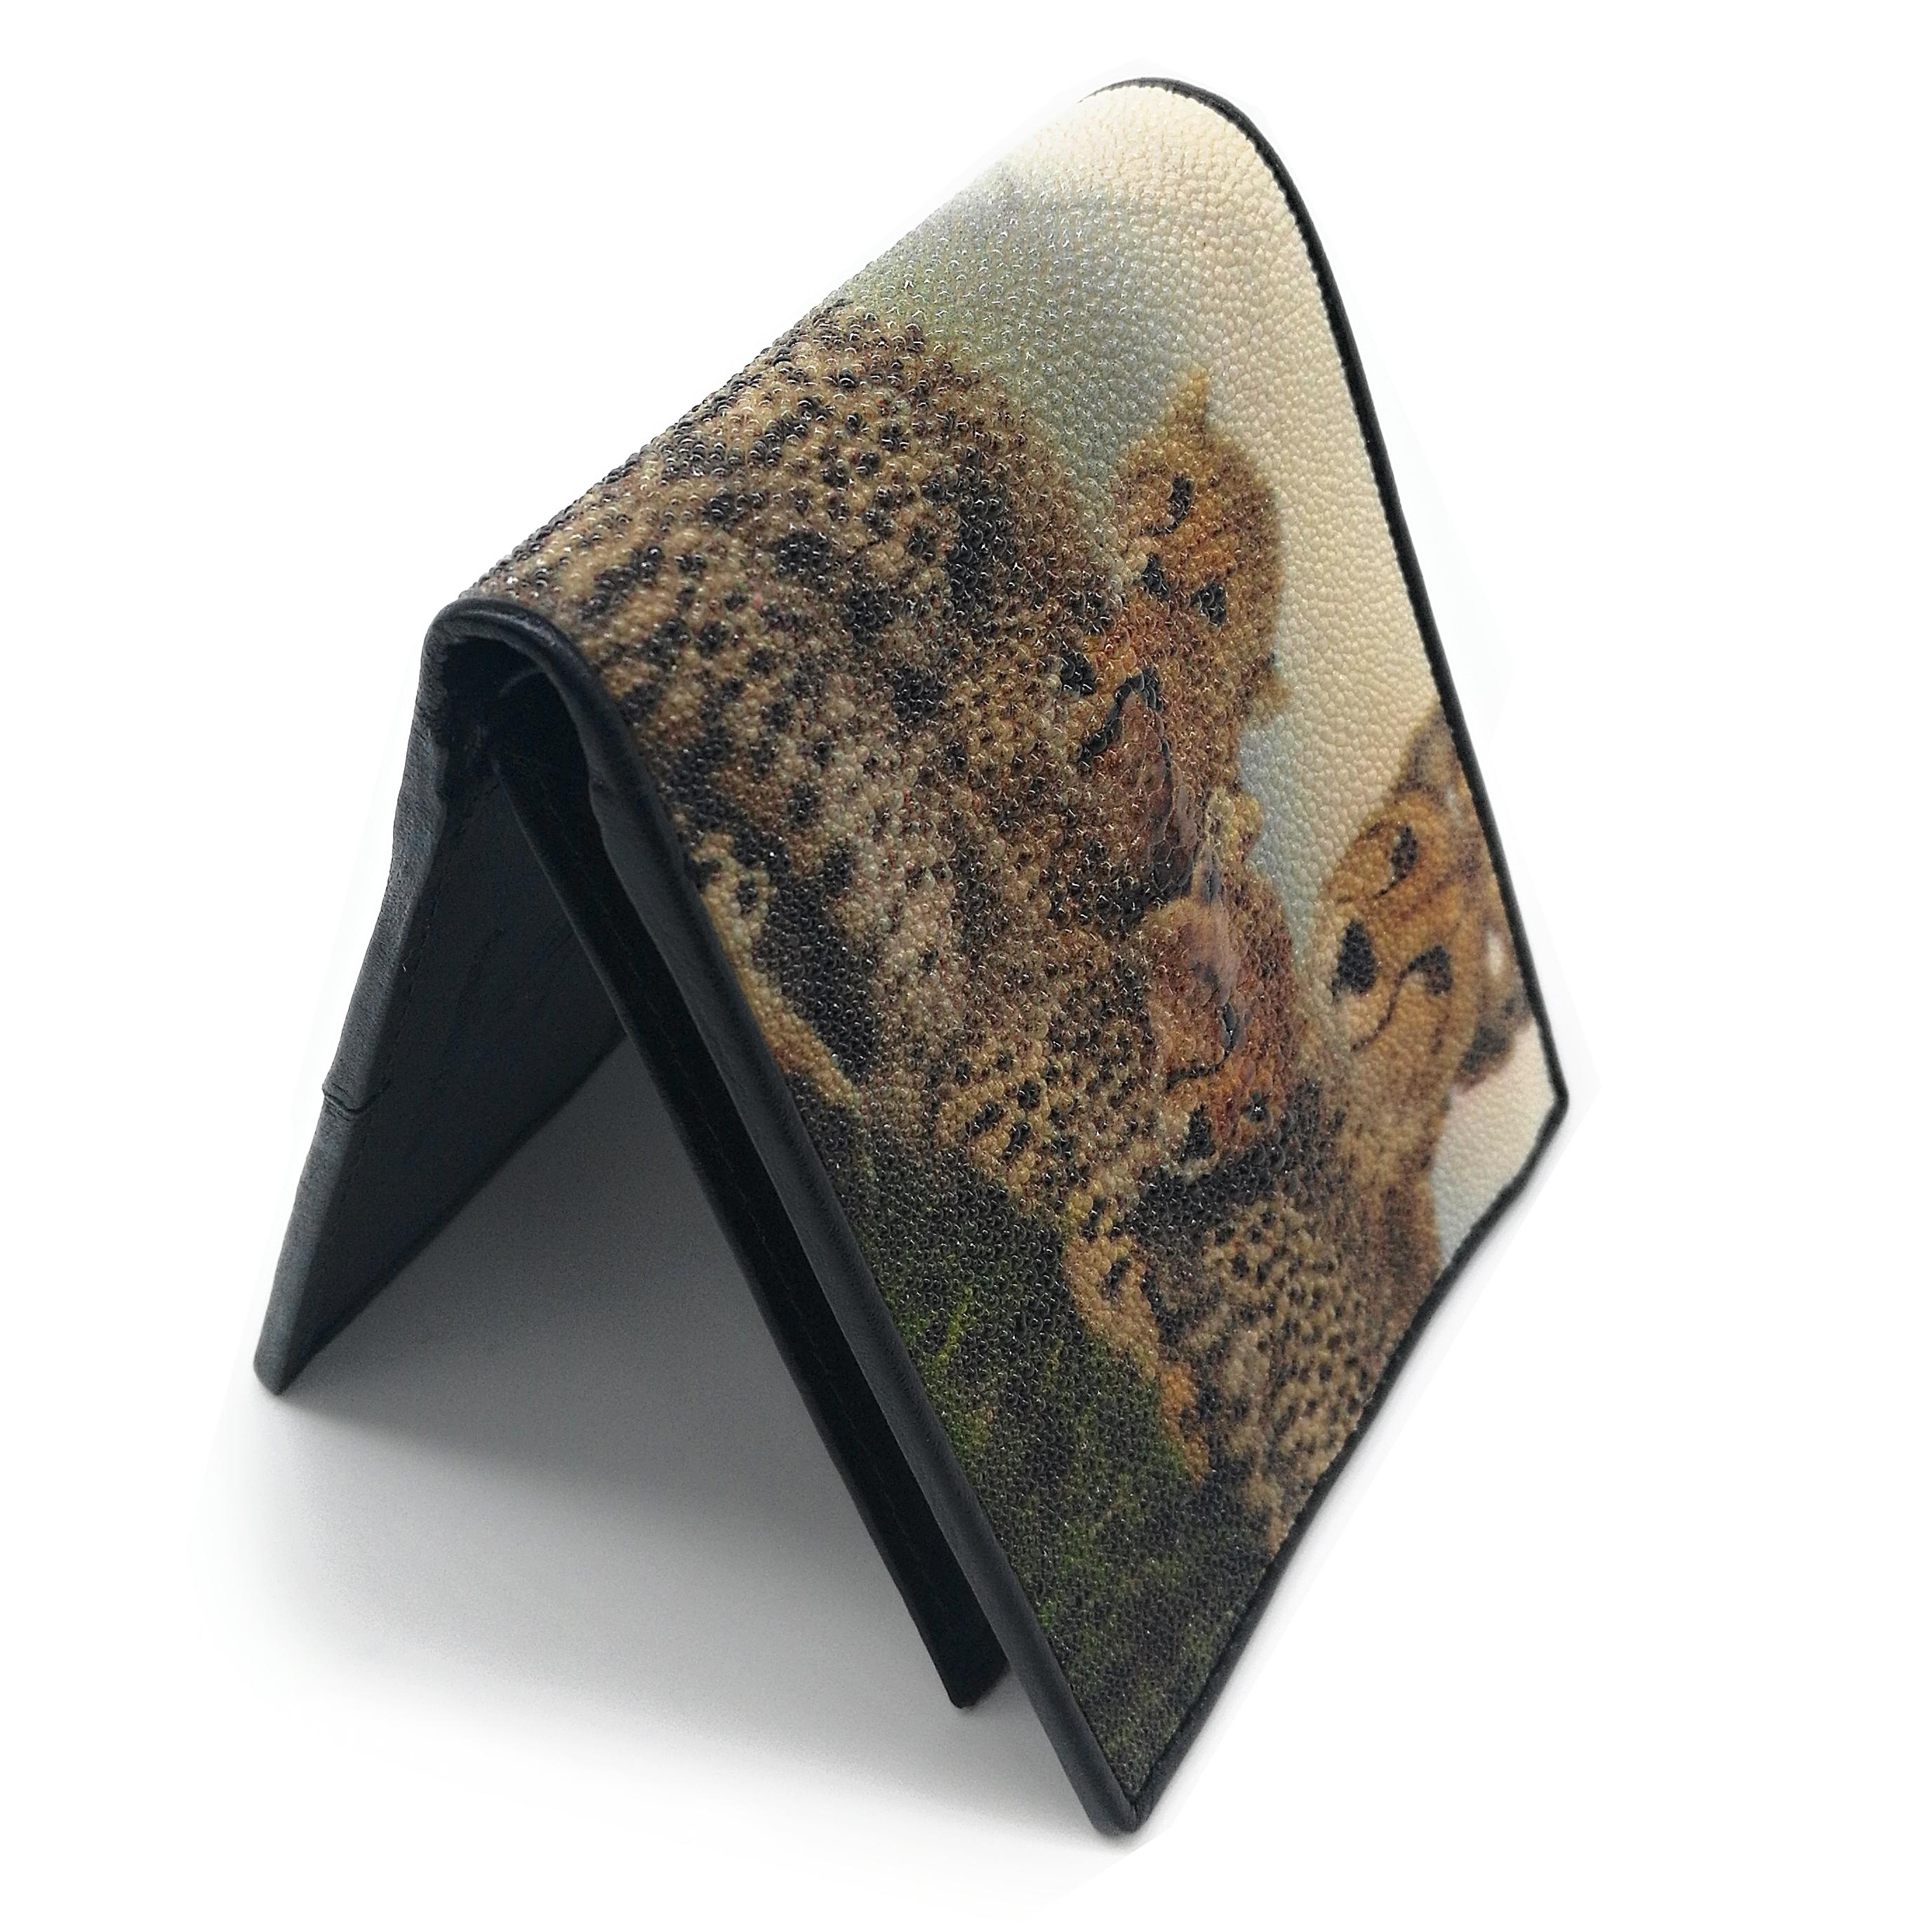 กระเป๋าสตางค์หนังปลากระเบนสองพับสั้นลายแม่เสือและลูกเสือสีน้ำตาลอ่อน